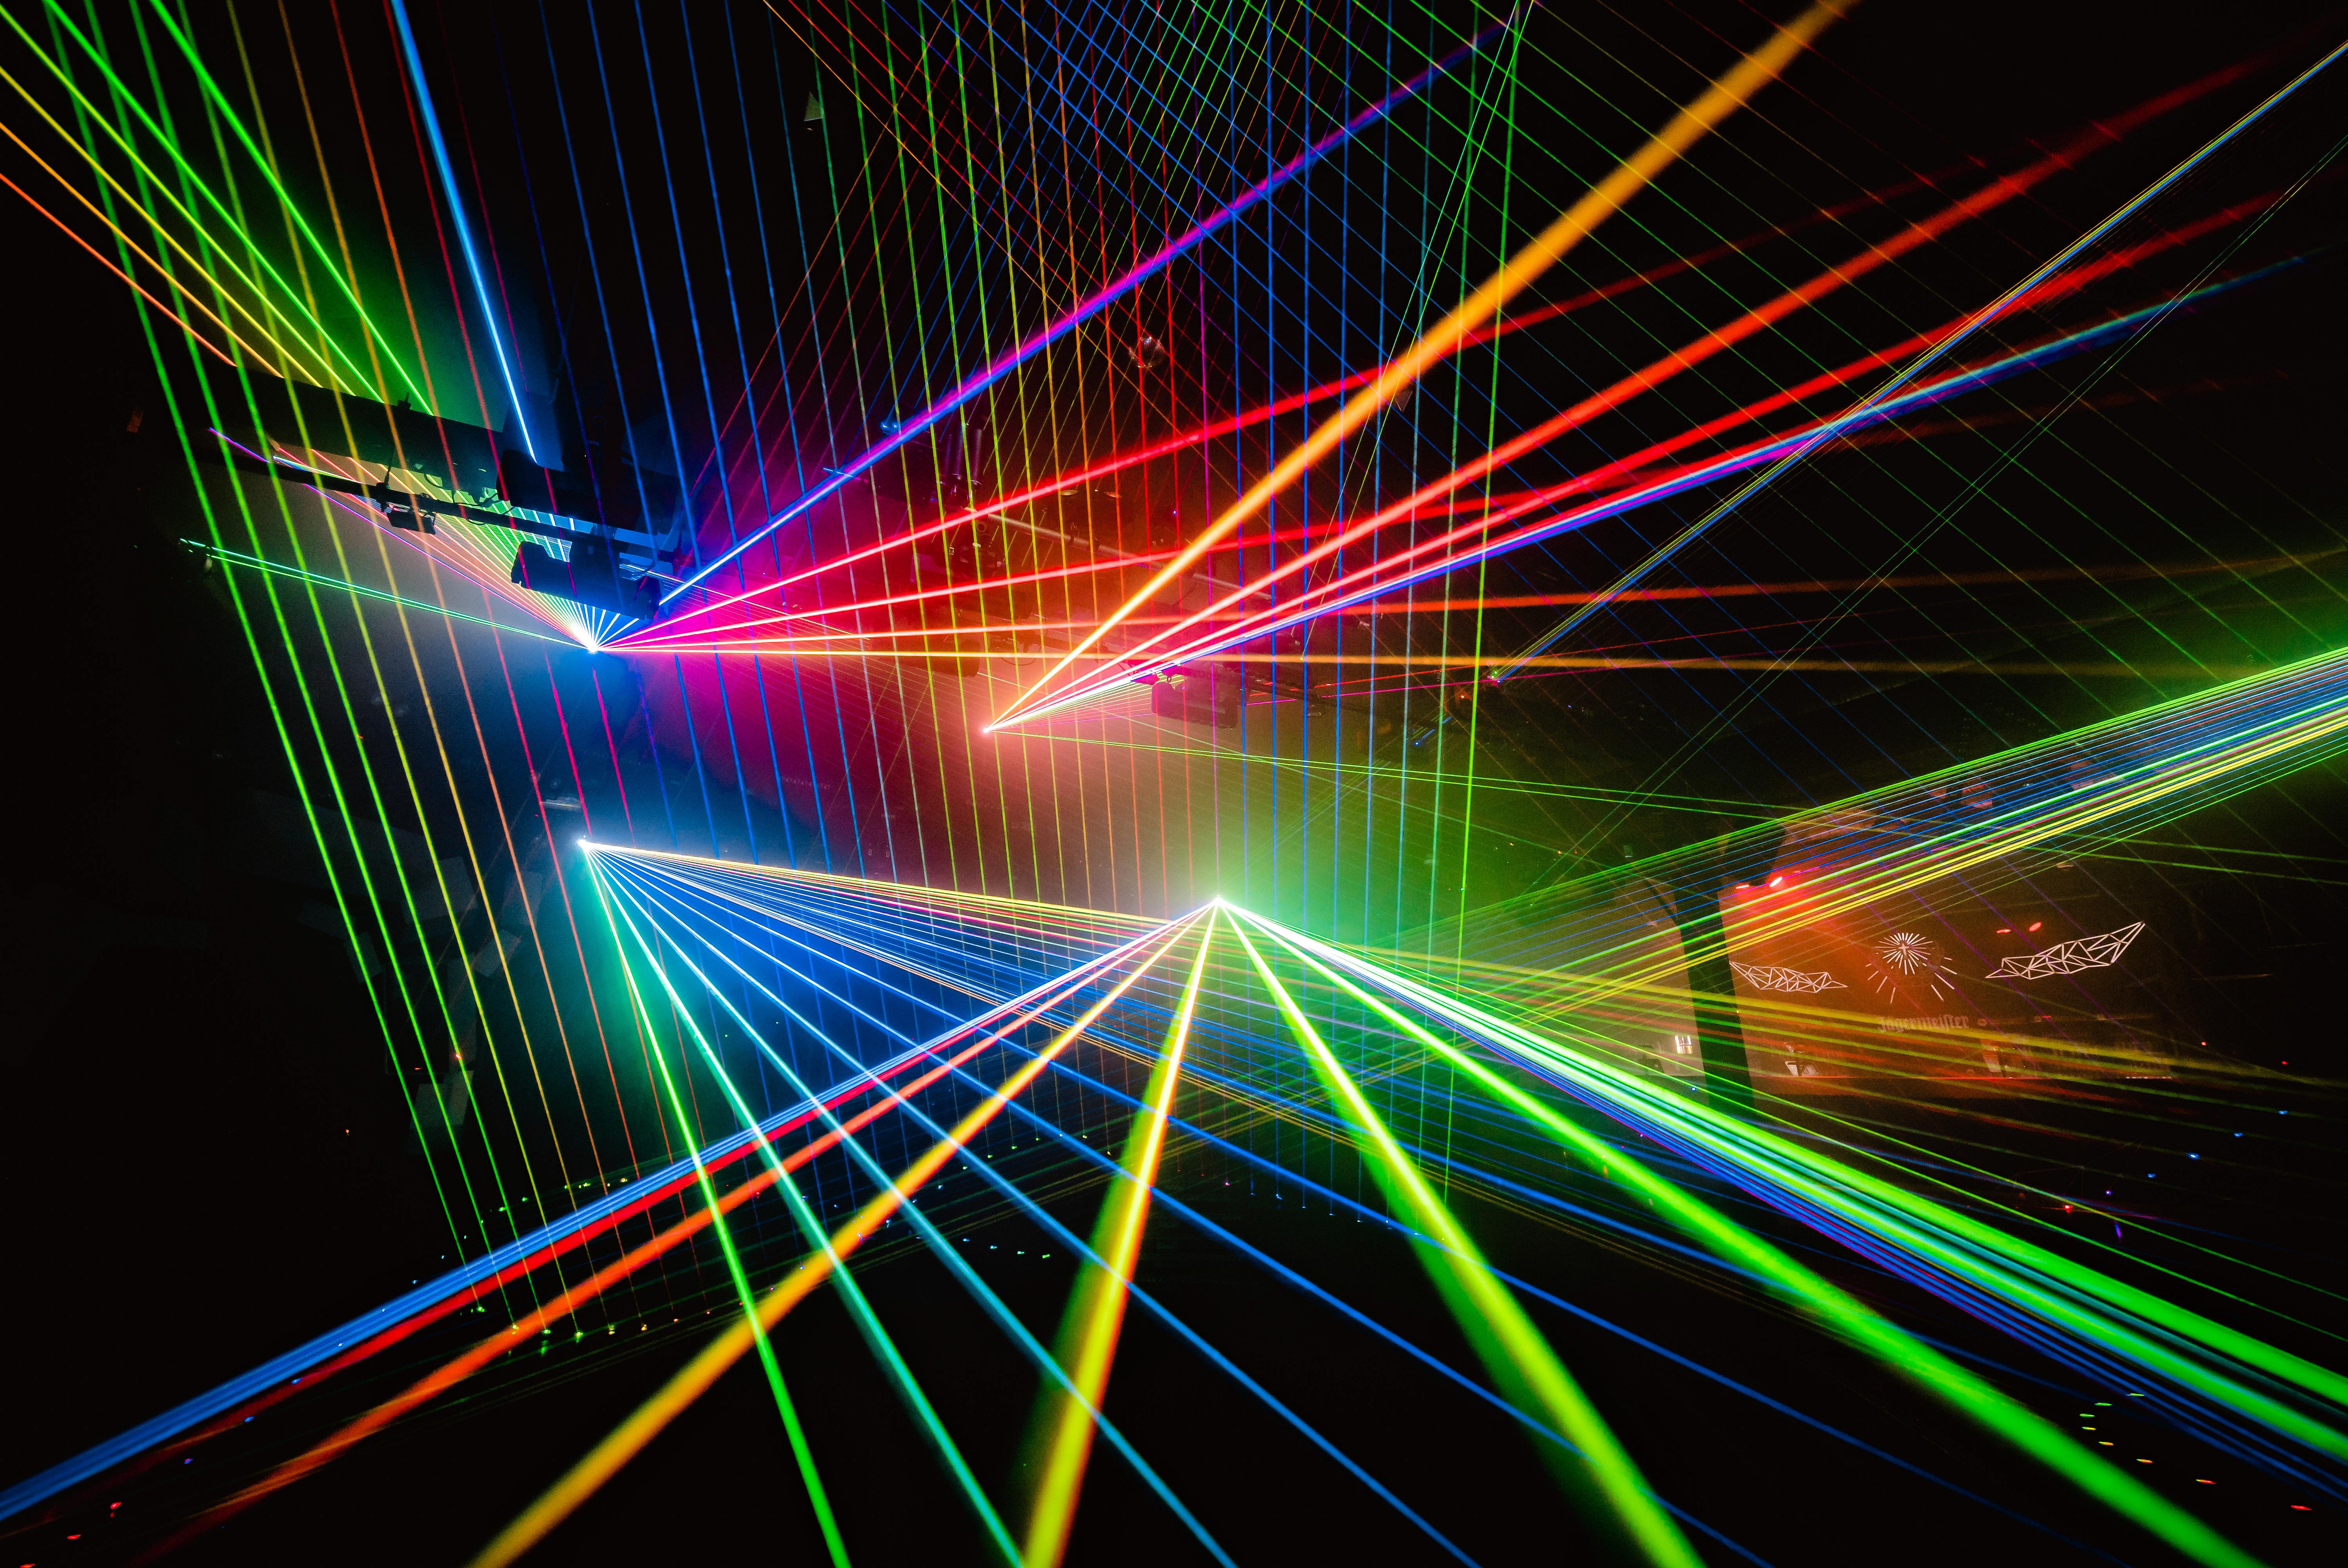 Láser desde todas las direcciones – Cameo D FORCE en la discoteca Bootshaus